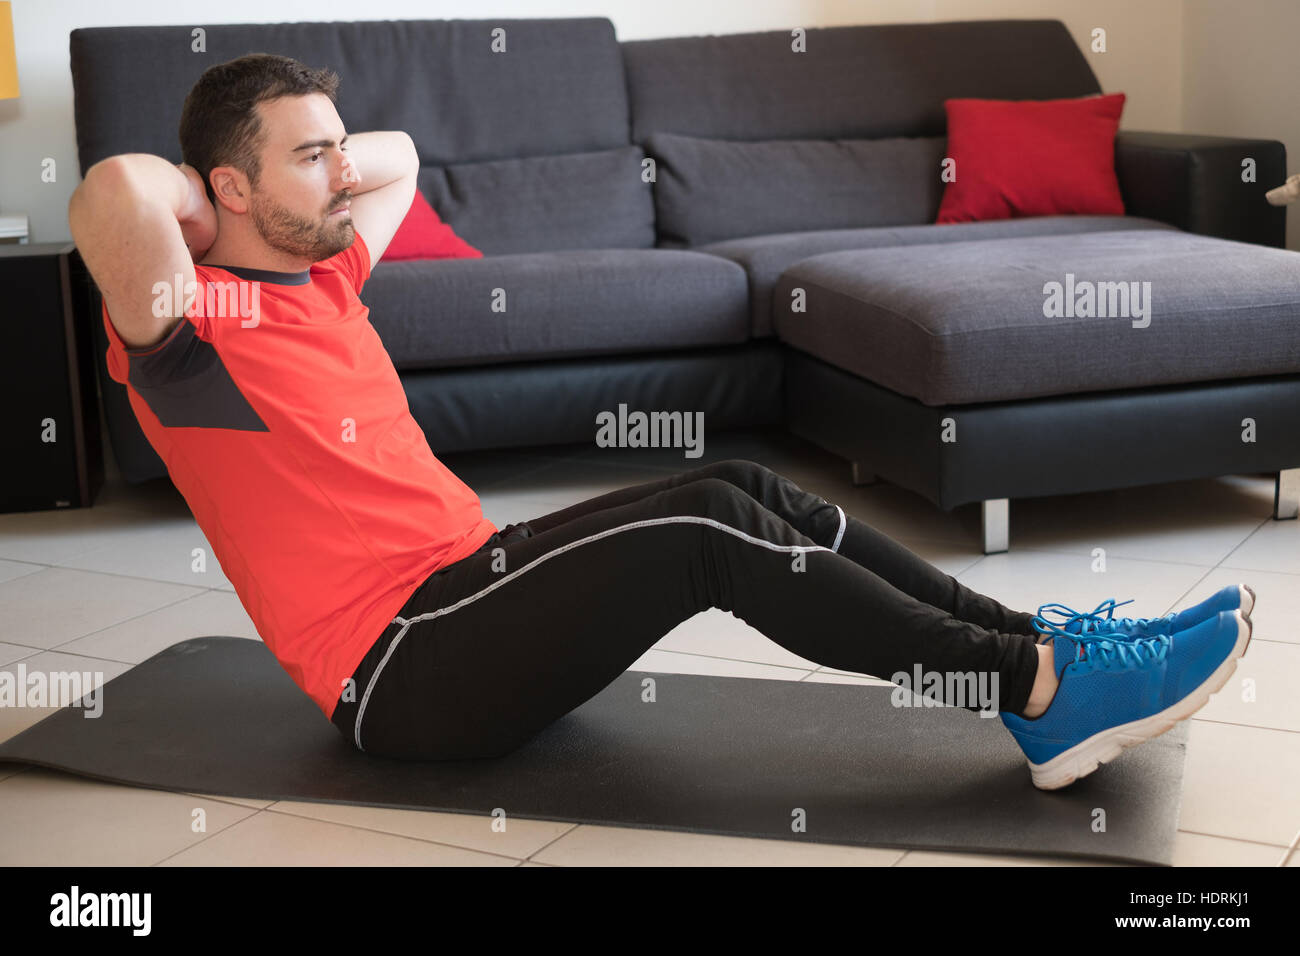 Mann, Körper-Übung zu tun und arbeiten von zu Hause Stockbild